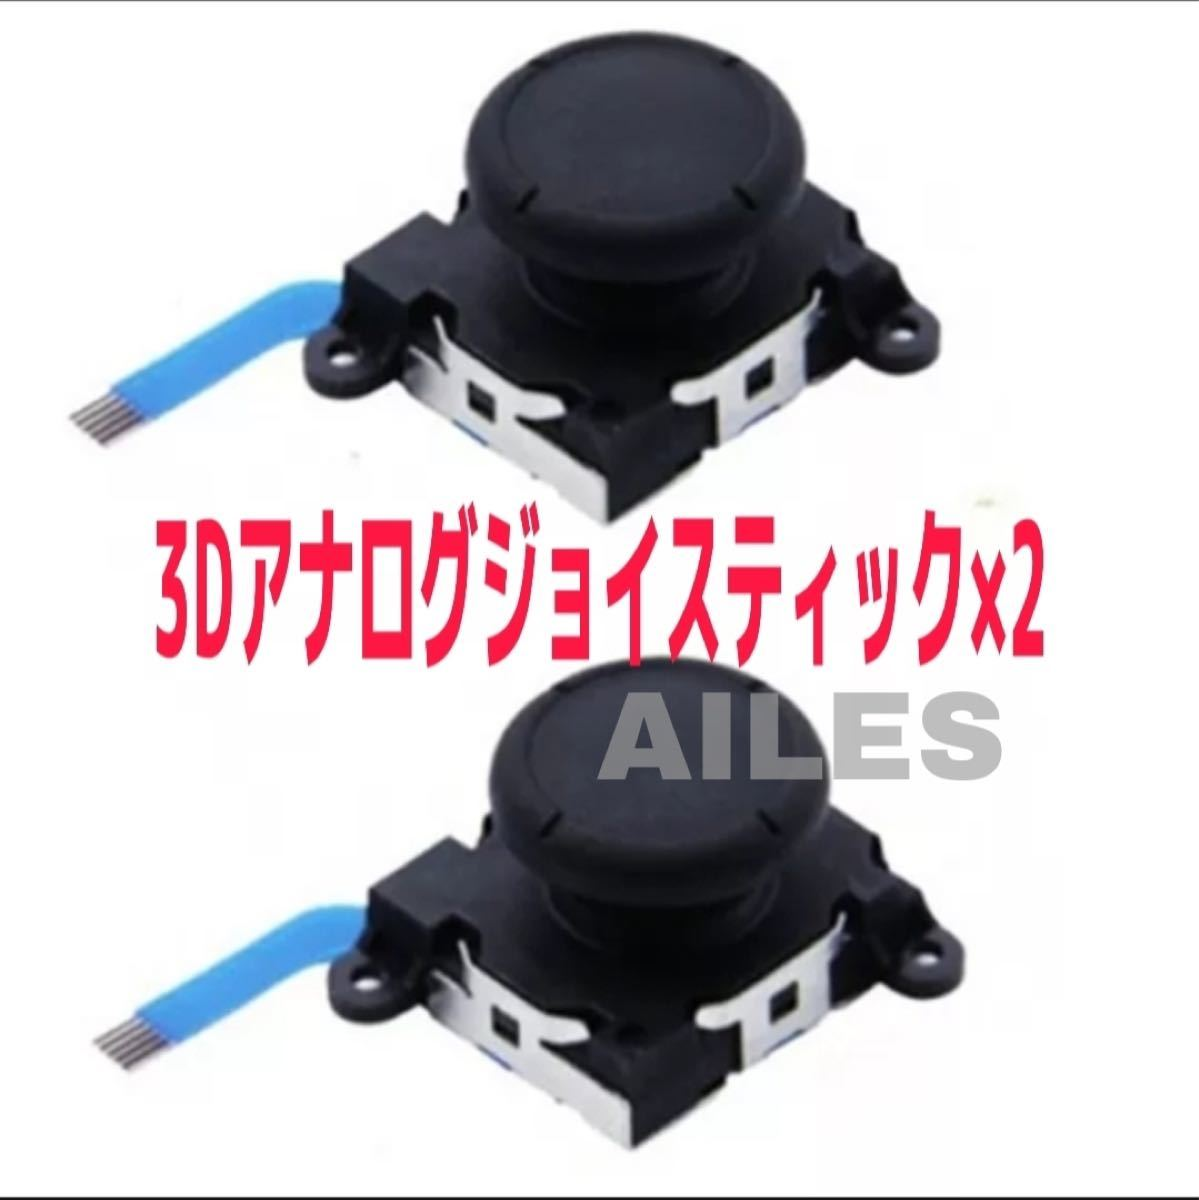 スイッチ Joy-Con 修理キット ジョイコン